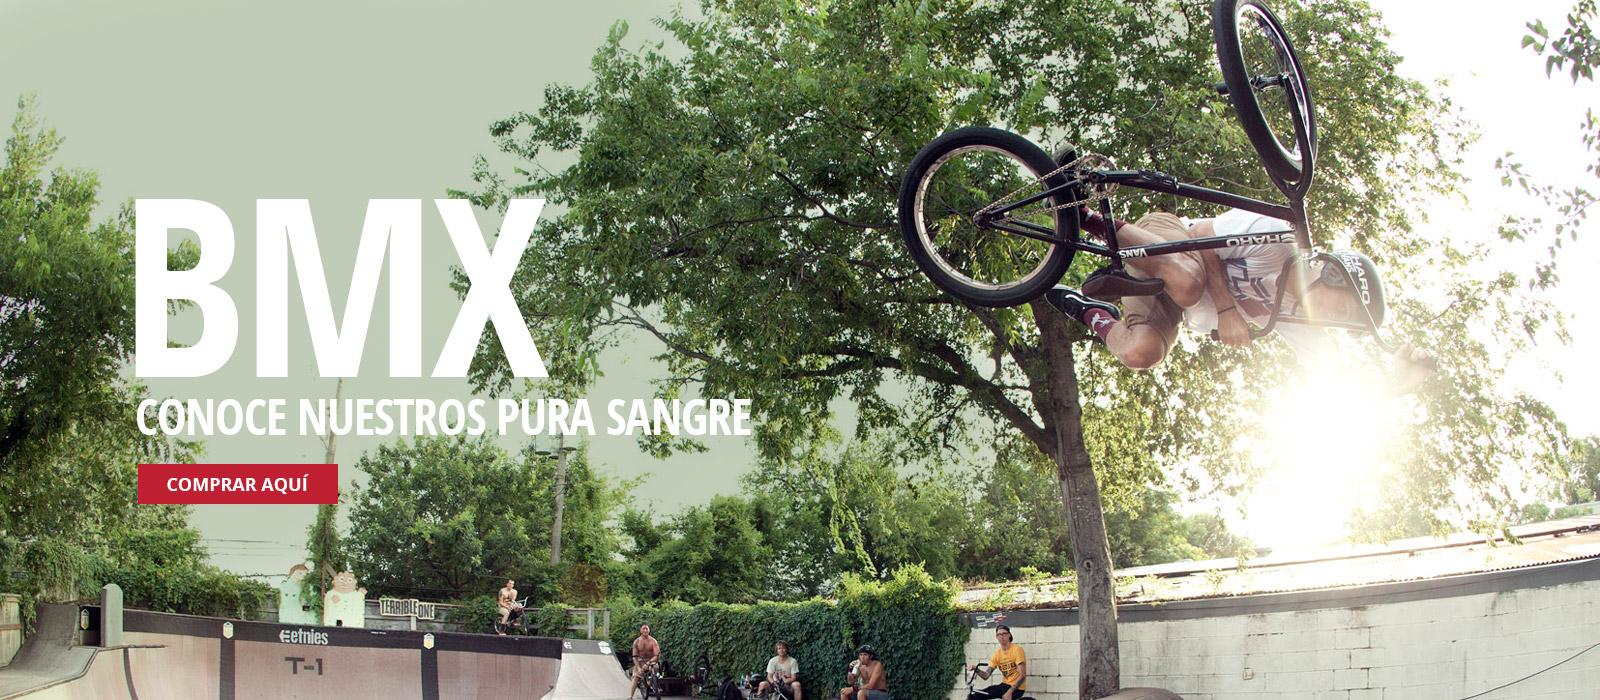 Perubikeshop - Haro Bikes BMX